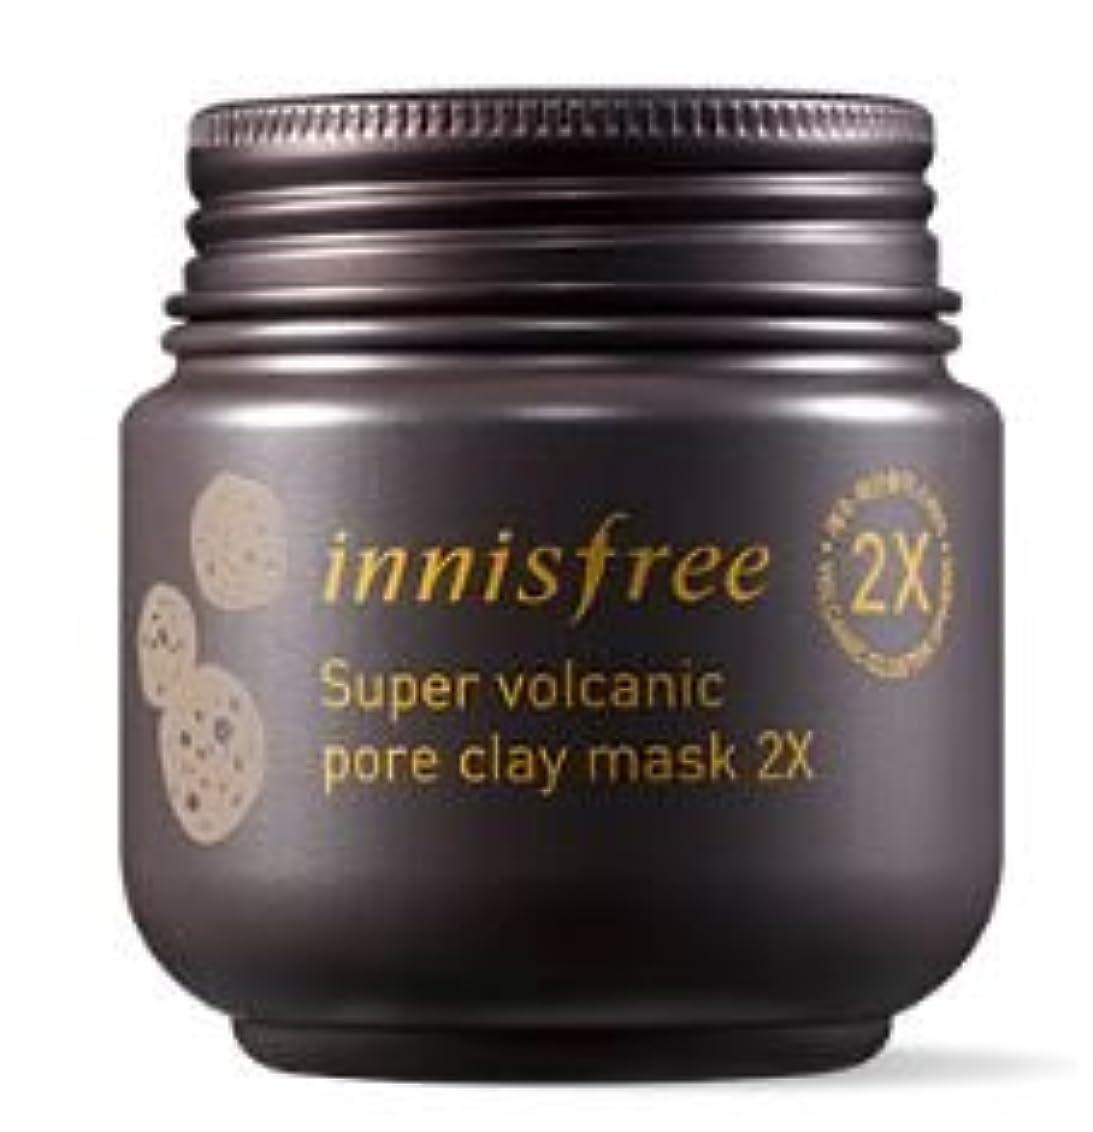 意味する活性化間★NEW★[innisfree] Super Volcanic Pore Clay Mask 2x 100ml [並行輸入品]